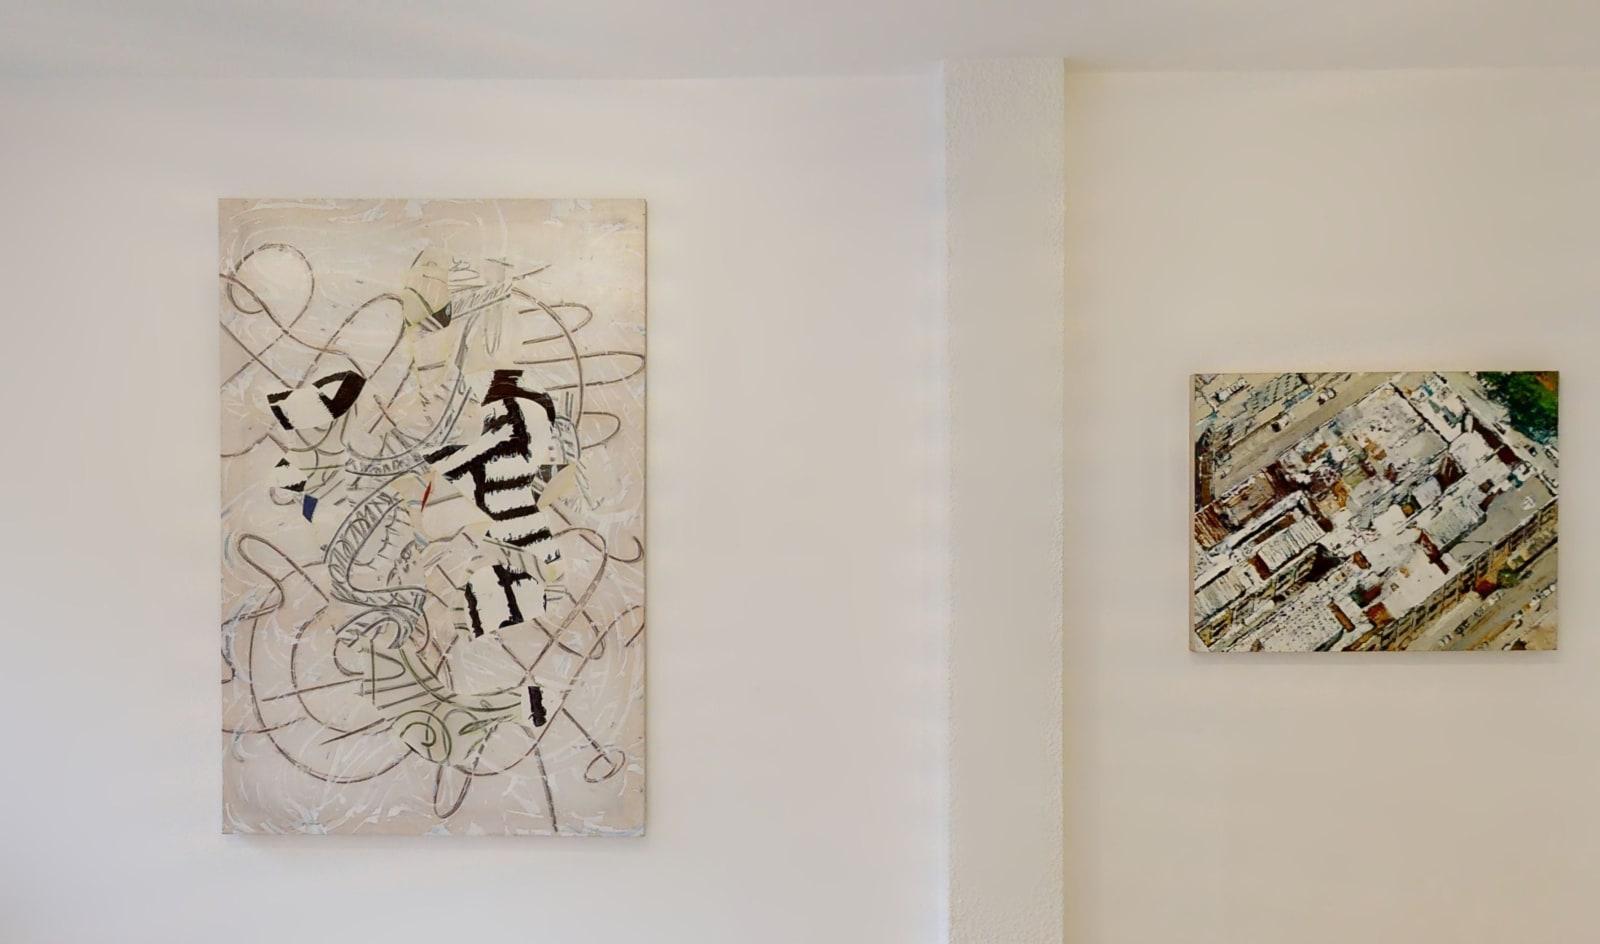 Exposition anniversaire ONIRIS 35 ANS / Christian Bonnefoi + Philippe Cognée / Oniris été 2021